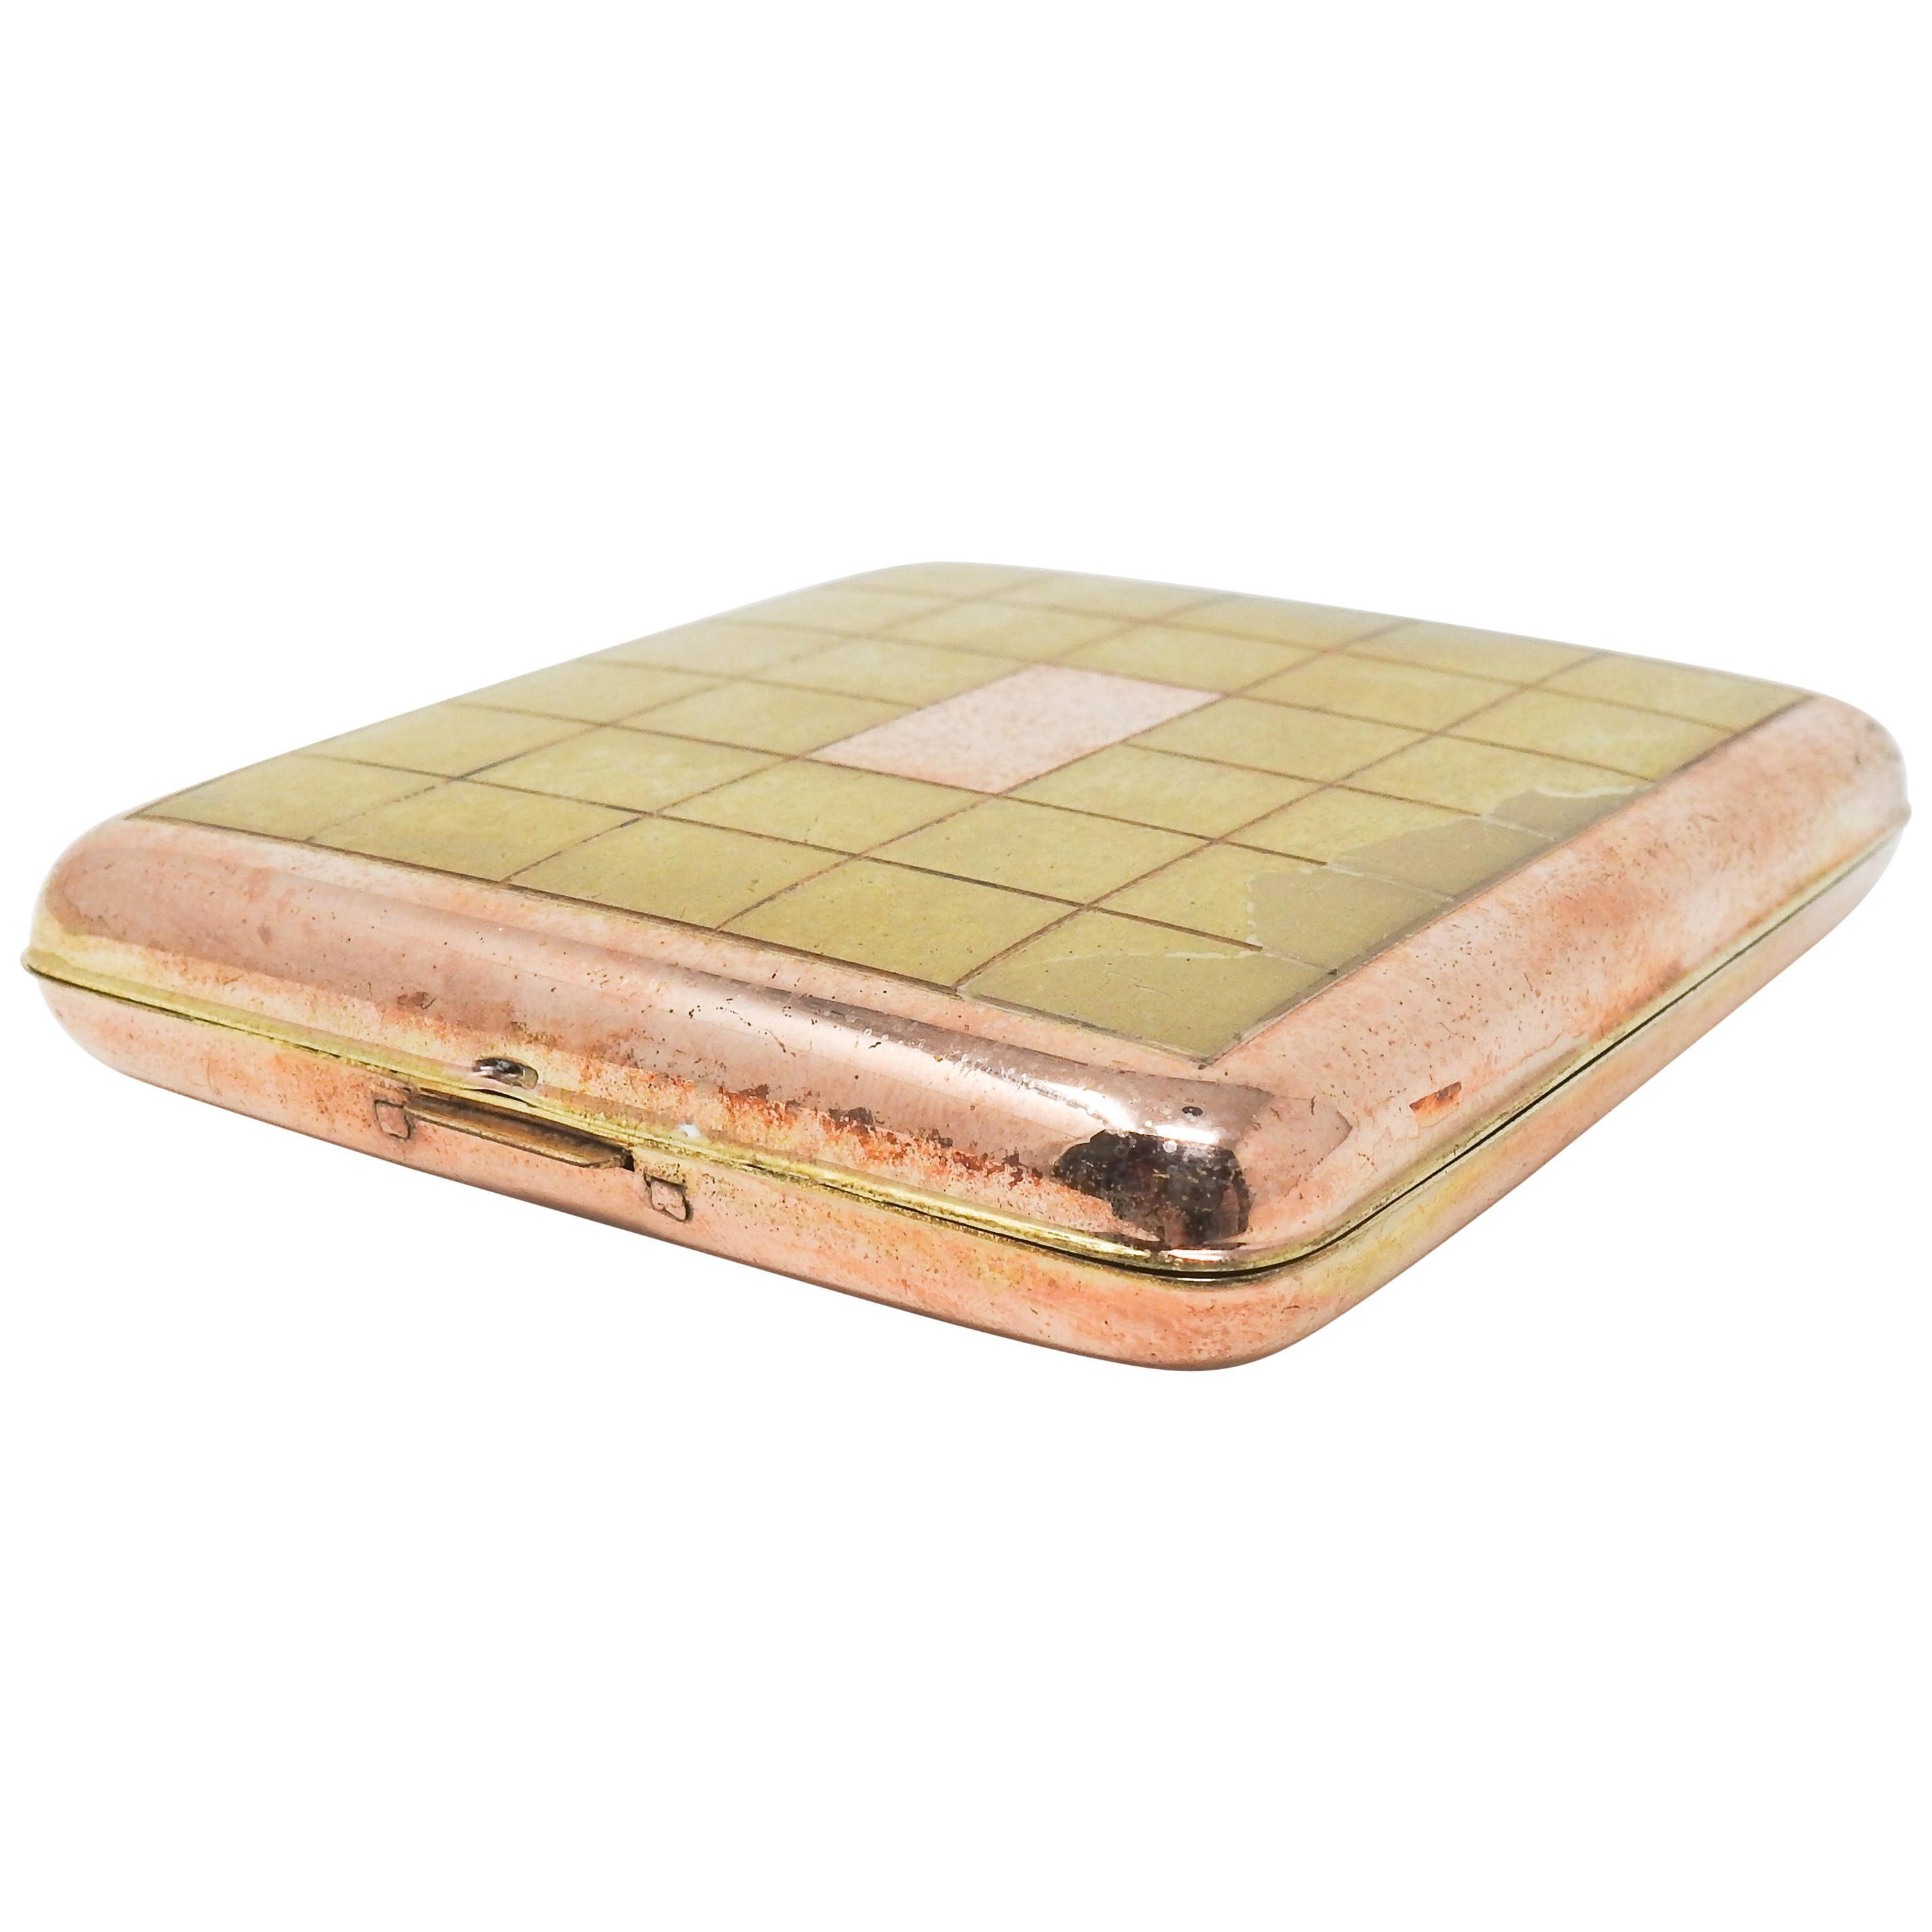 La Mode Brass and Copper Cigarette Case